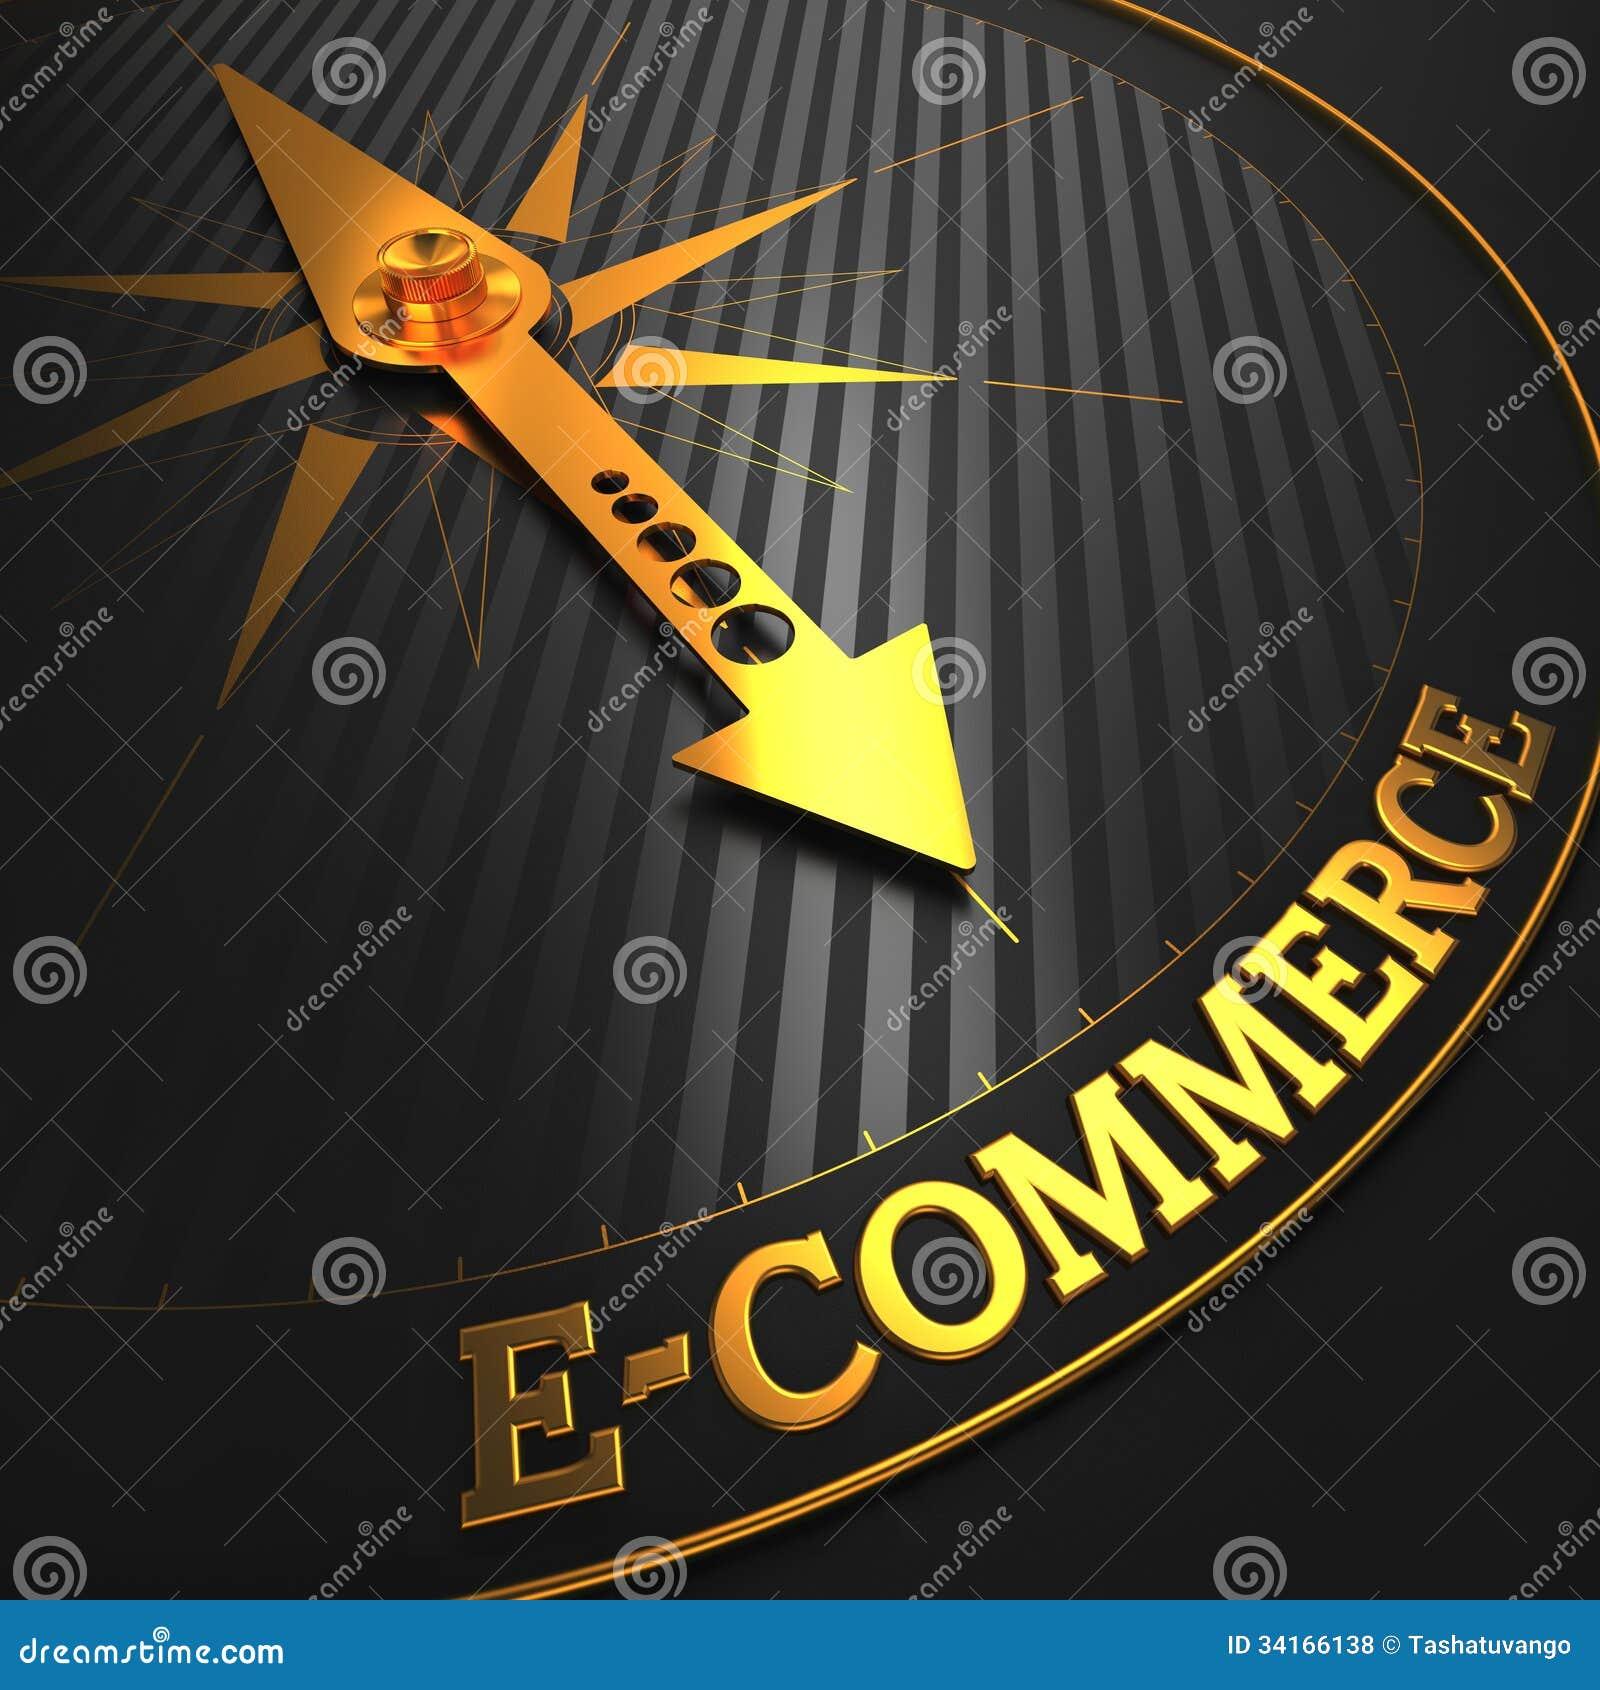 Commercio elettronico. Cenni storici di affari.